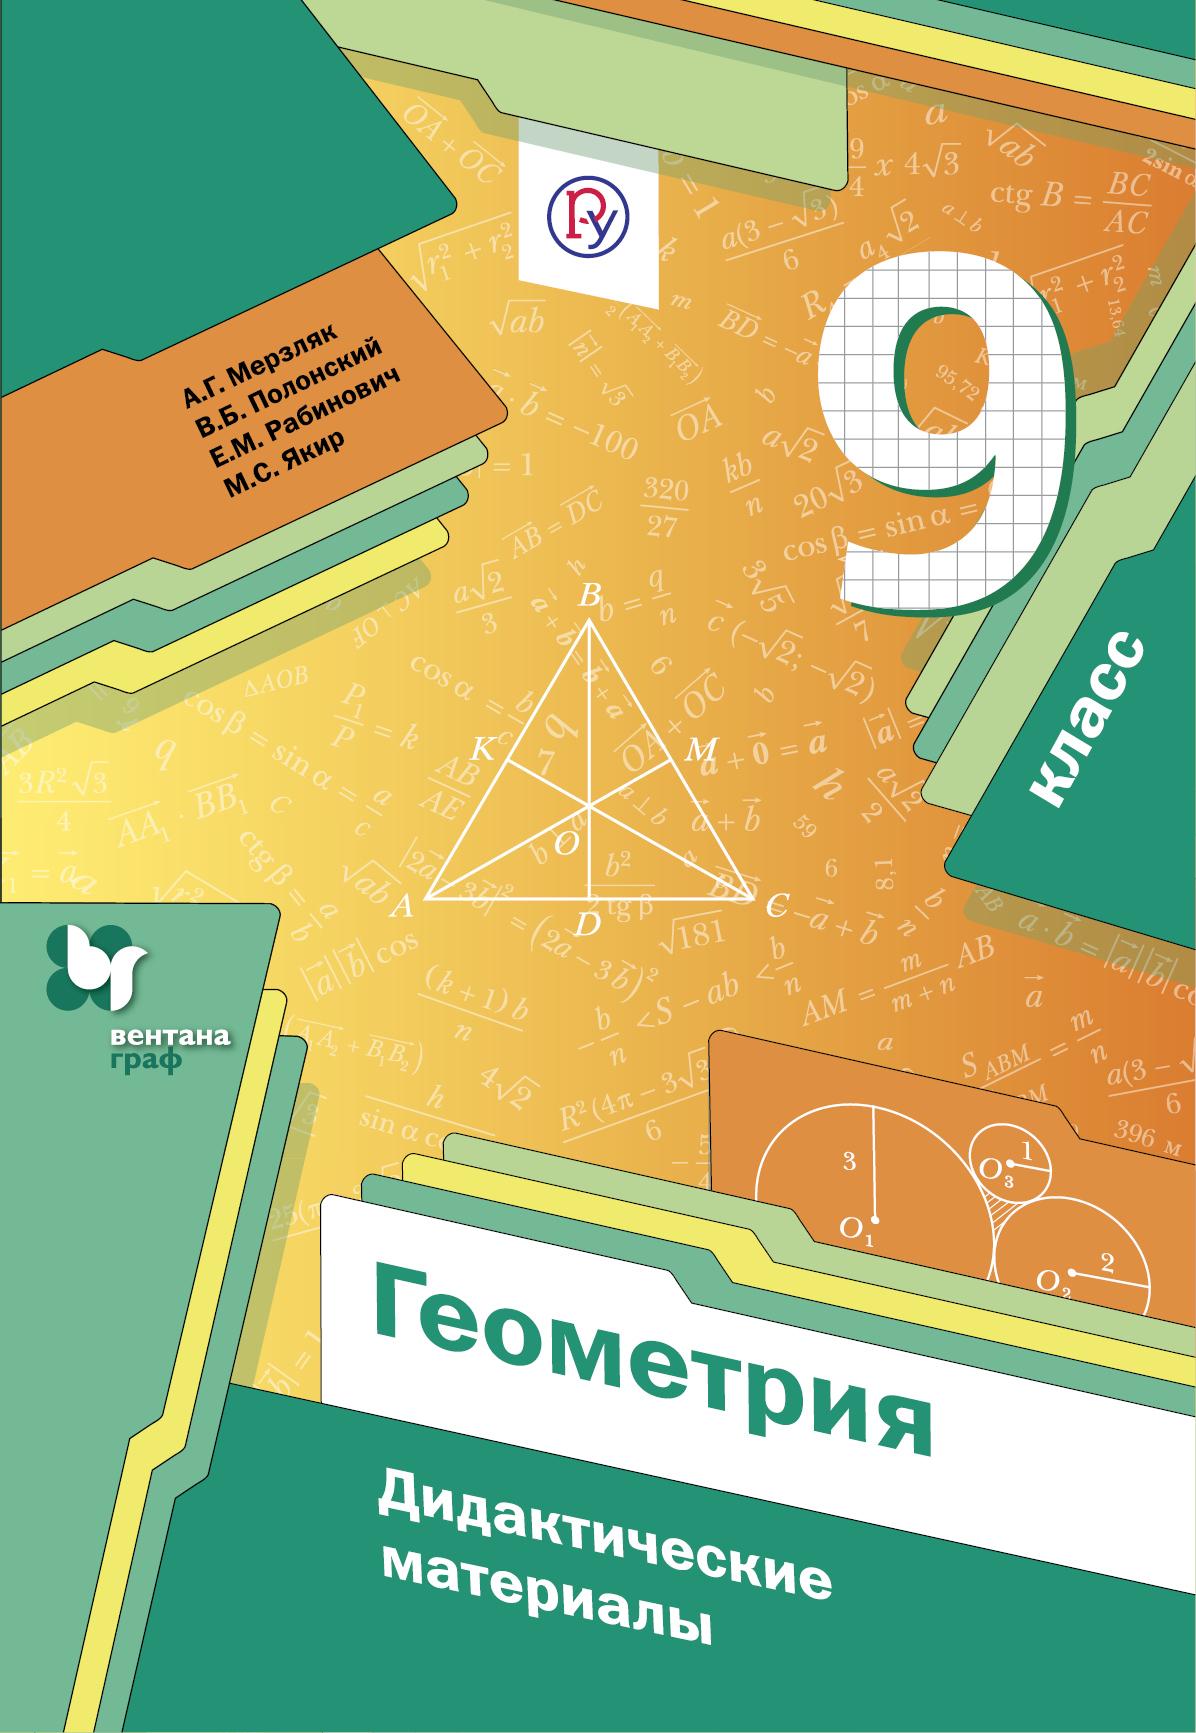 Обложка книги Геометрия. Дидактические материалы. 9 класс, автор А. Г. Мерзляк